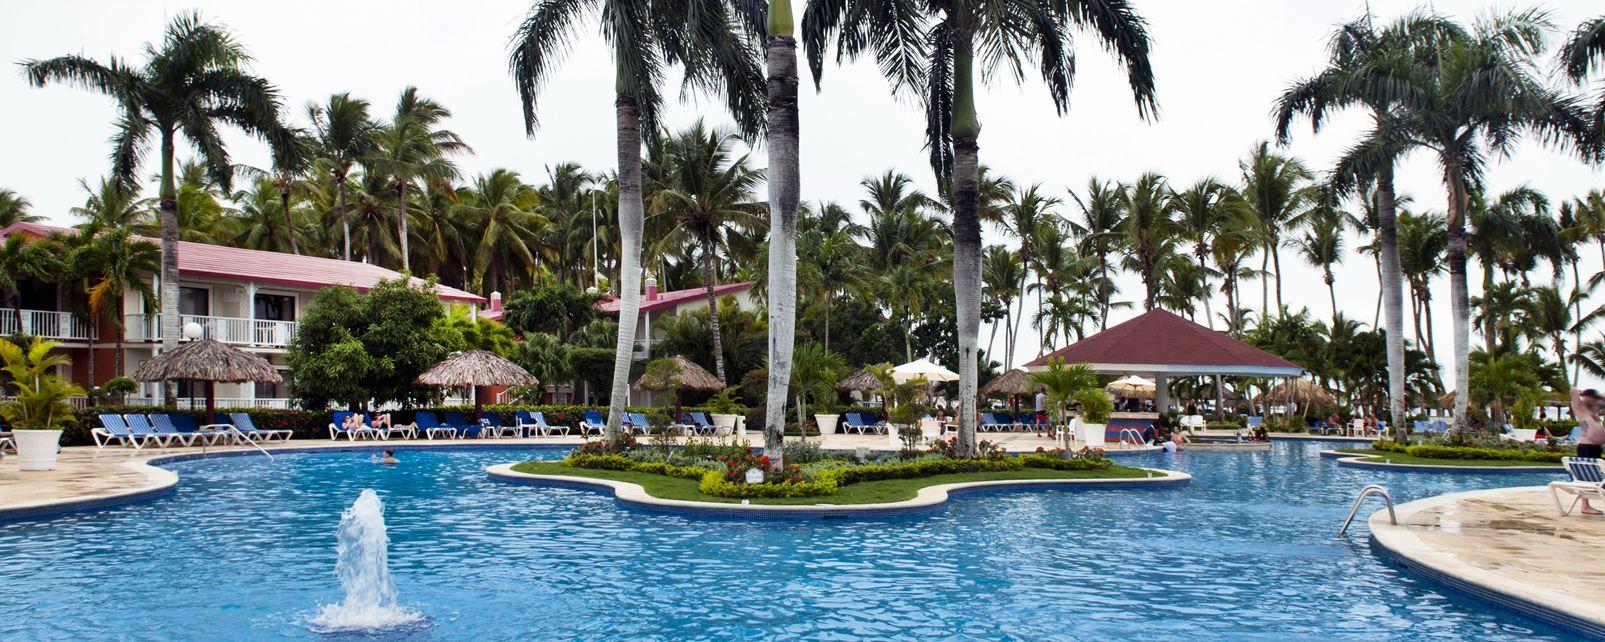 Dom Rep La Romana Hotels